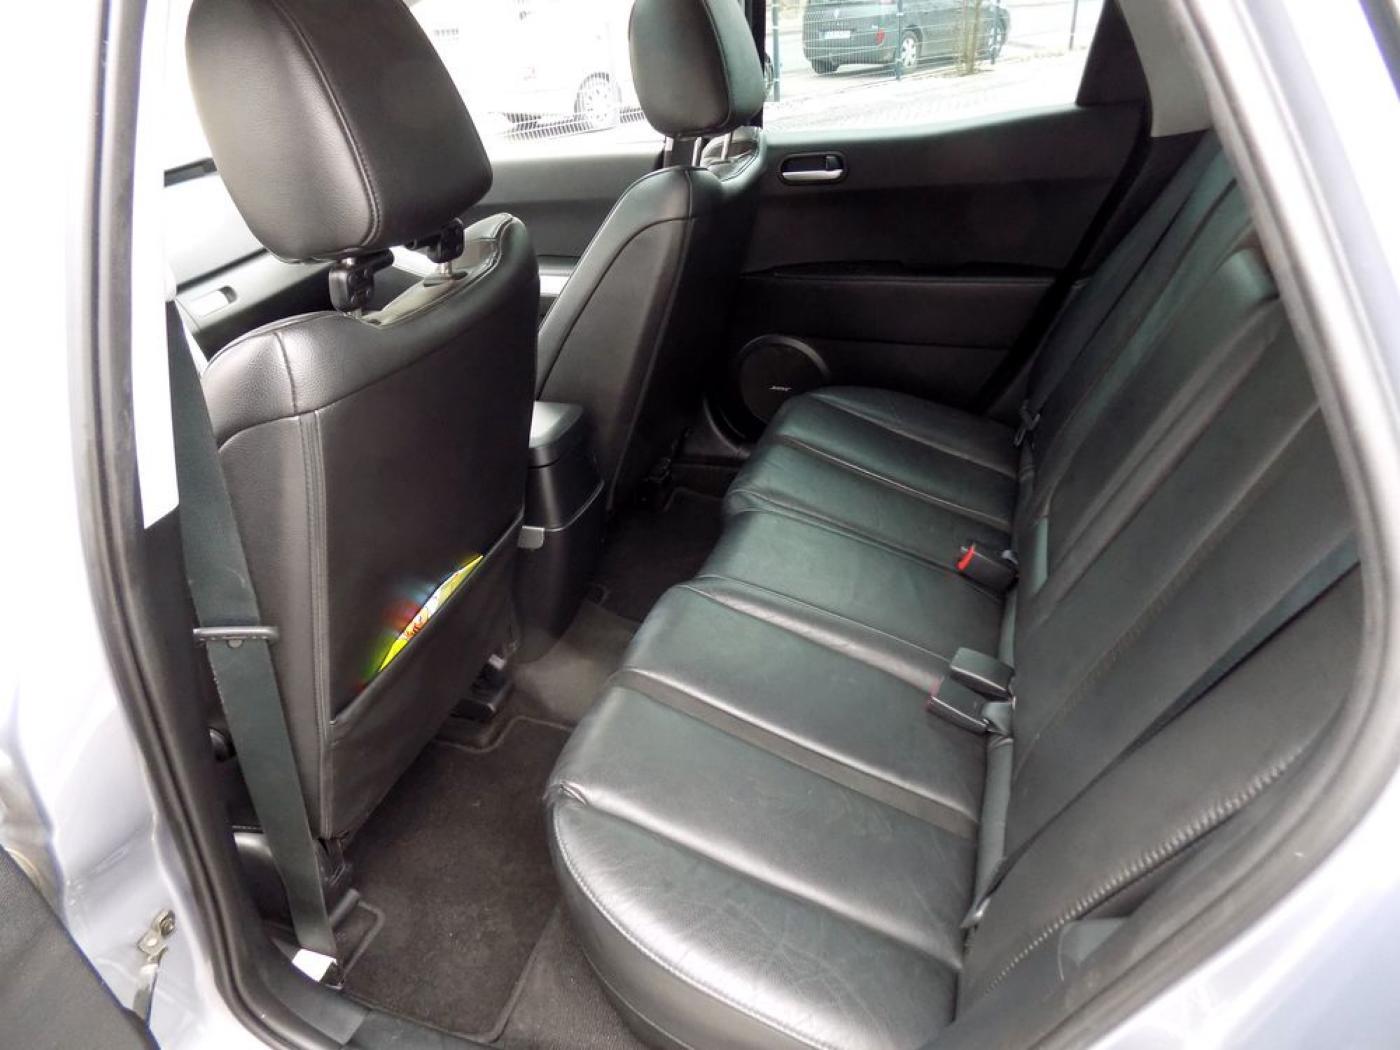 Mazda CX-7 2.3 Turbo 4x4 Navi